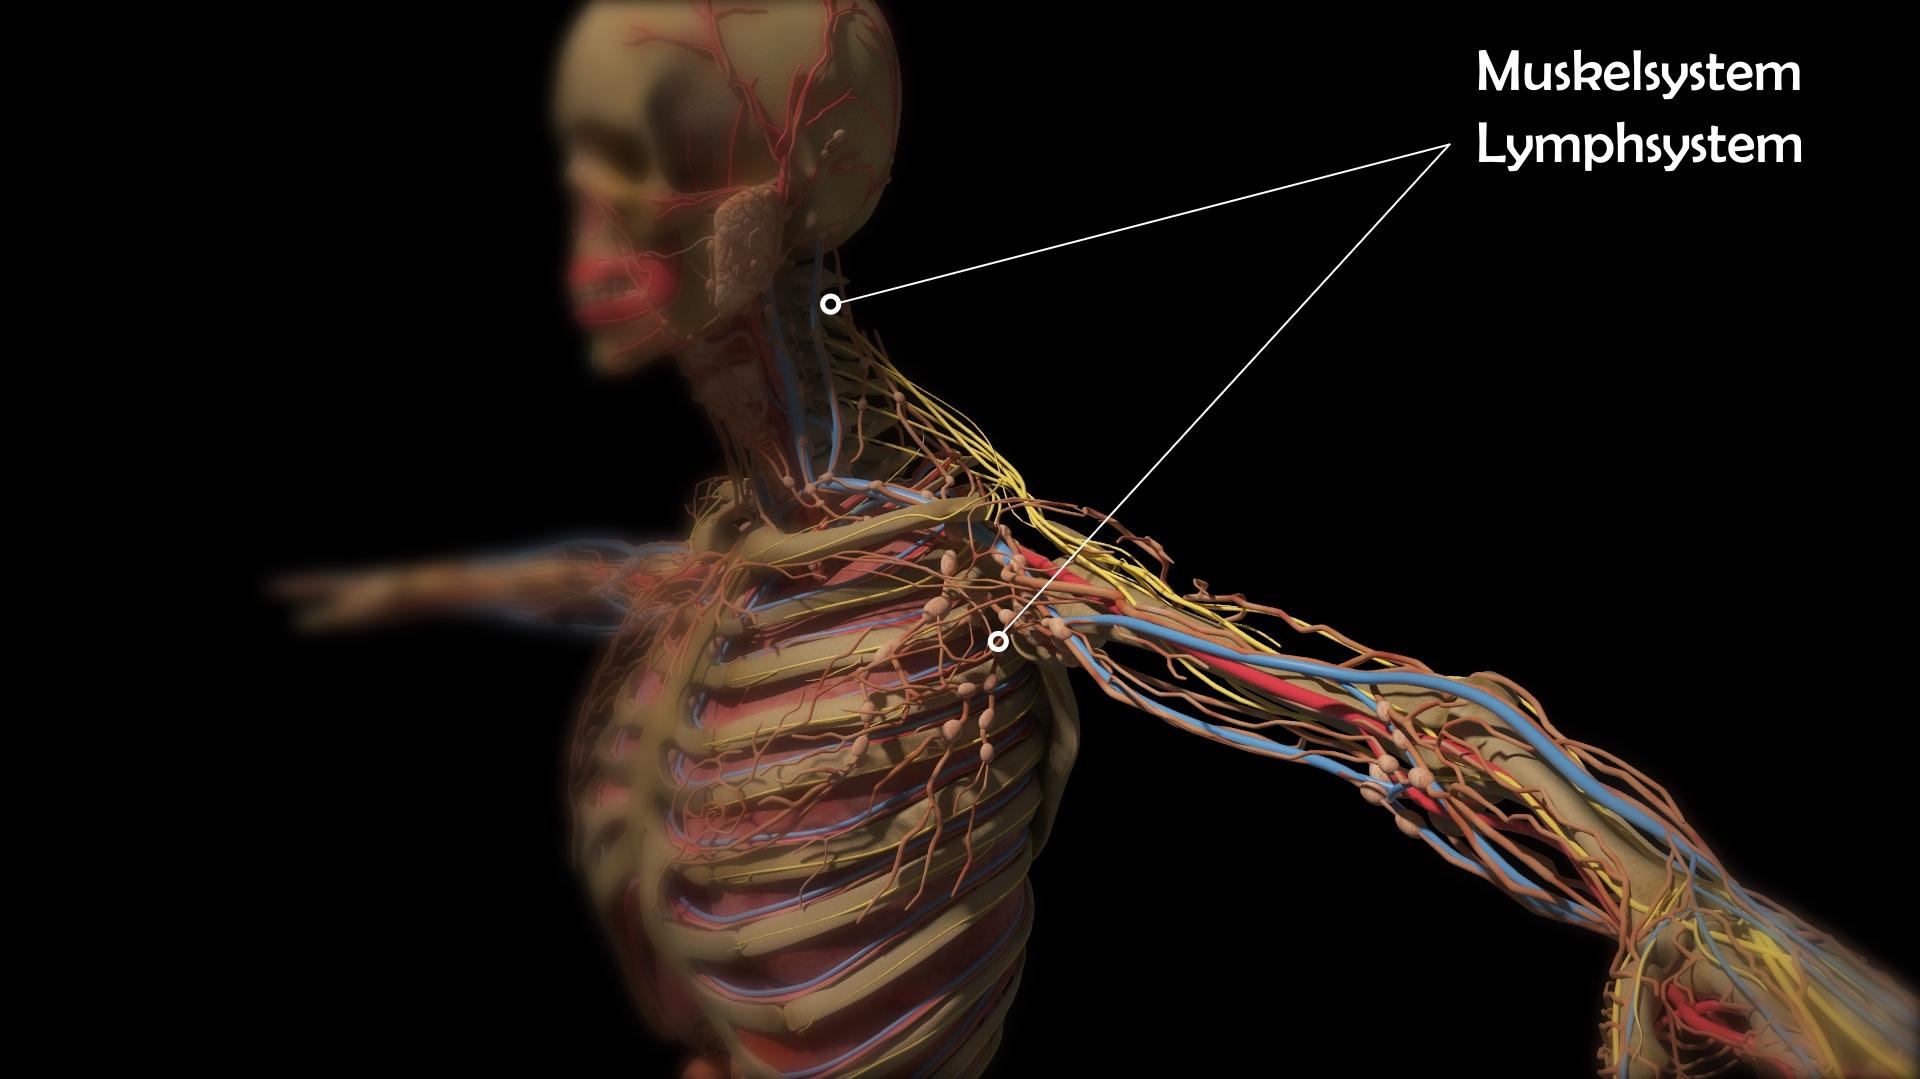 Berühmt Menschliche Anatomie Und Physiologie Muskelsystem Bilder ...